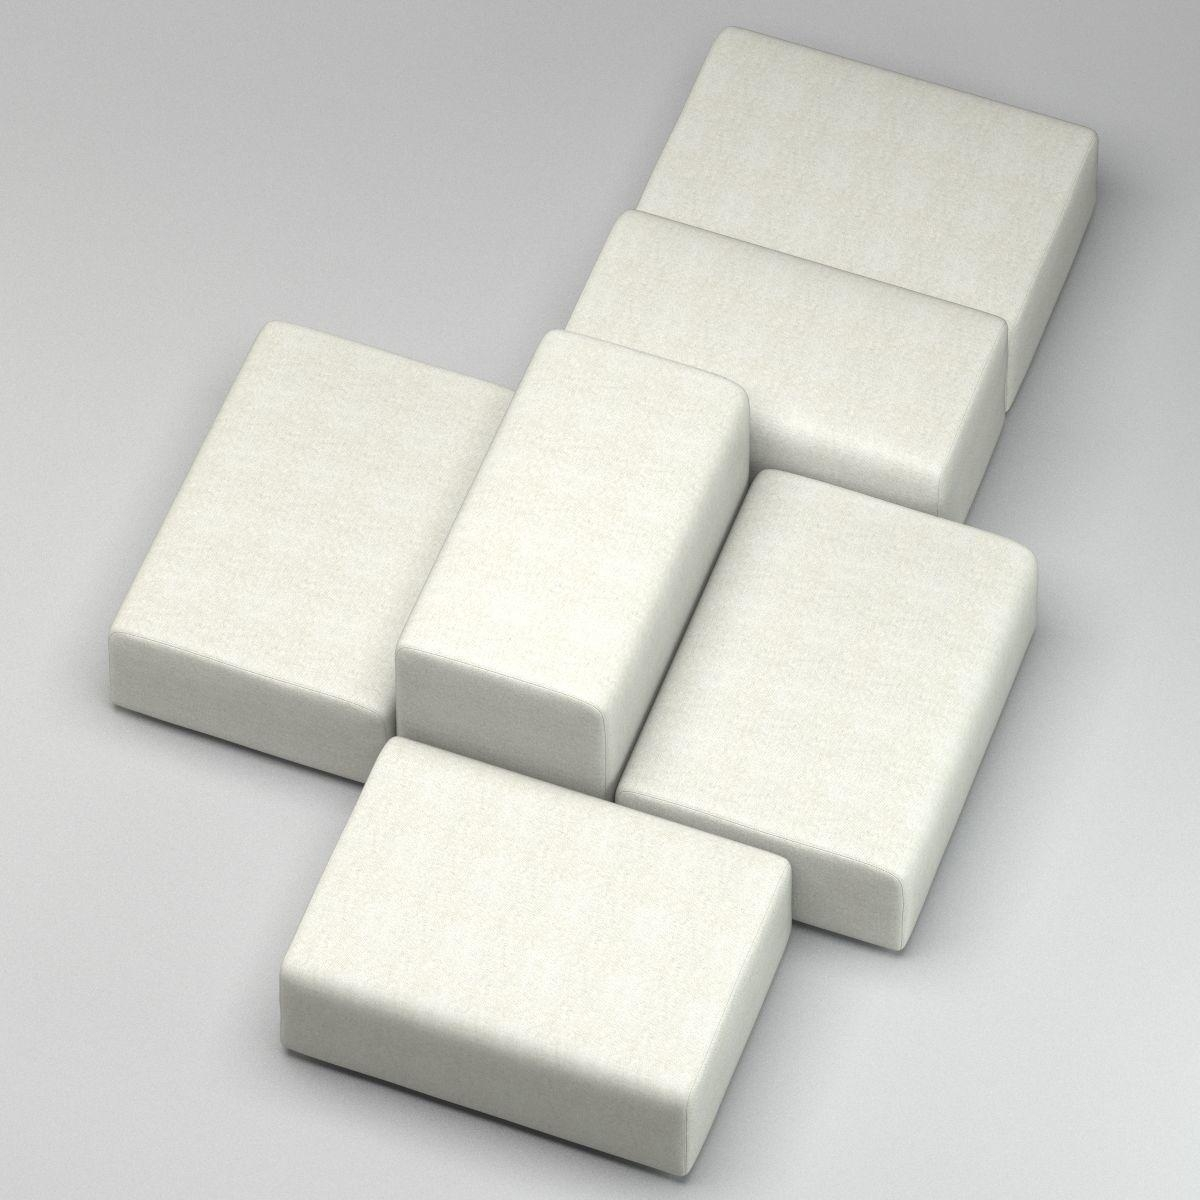 White Modern Sofa Divan 3D Model Max Obj Fbx Stl Mtl Inside White Modern Sofas (View 14 of 20)